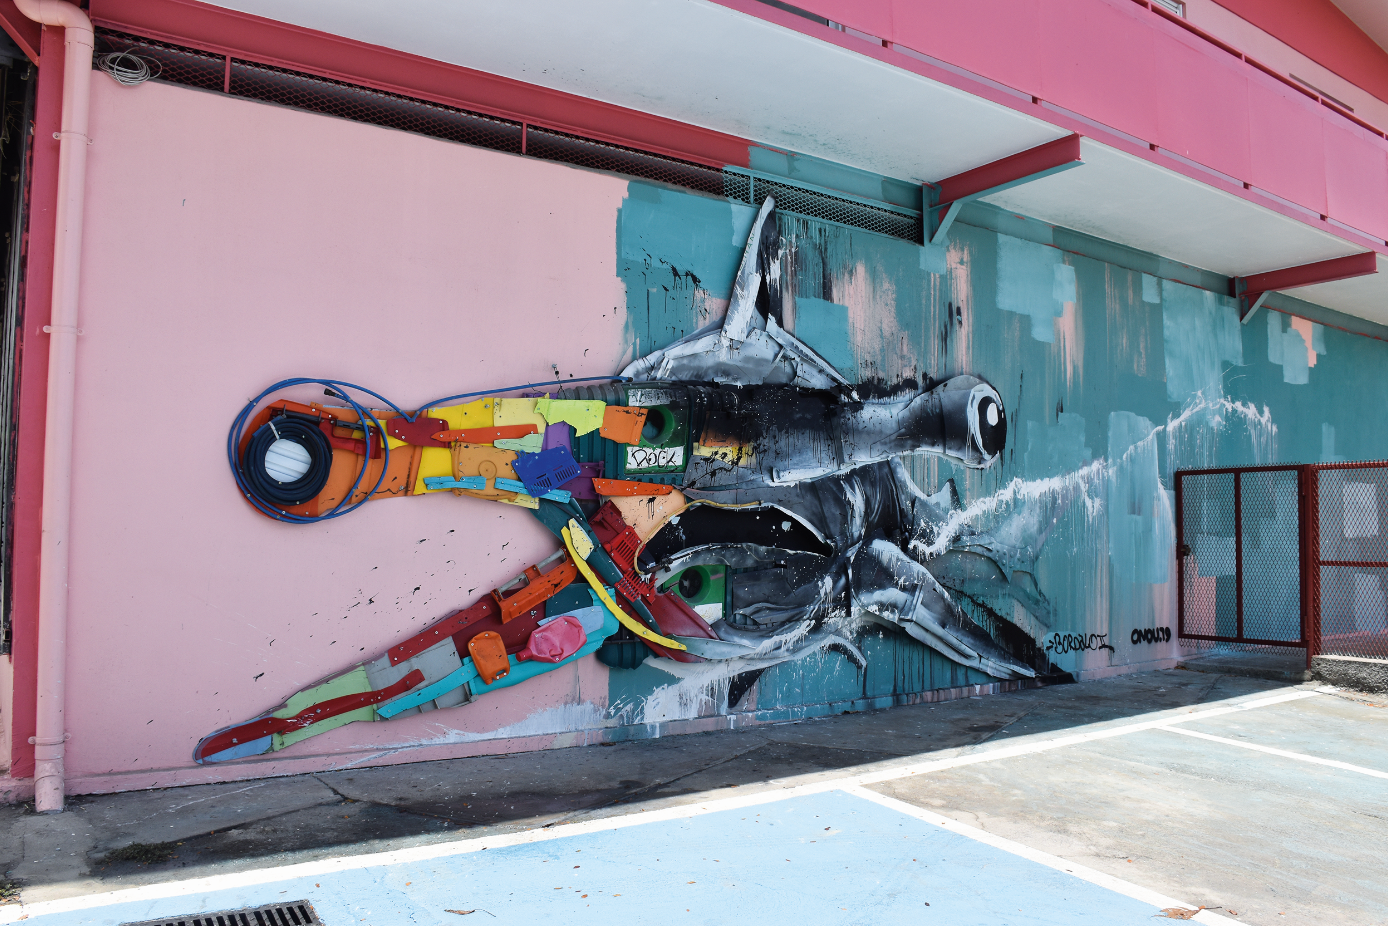 L'artiste portugais Bordalo II  réalisé une sculpture de requin marteau composée de matériaux plastiques et d'objets trouvés sur l'île de Tahiti.